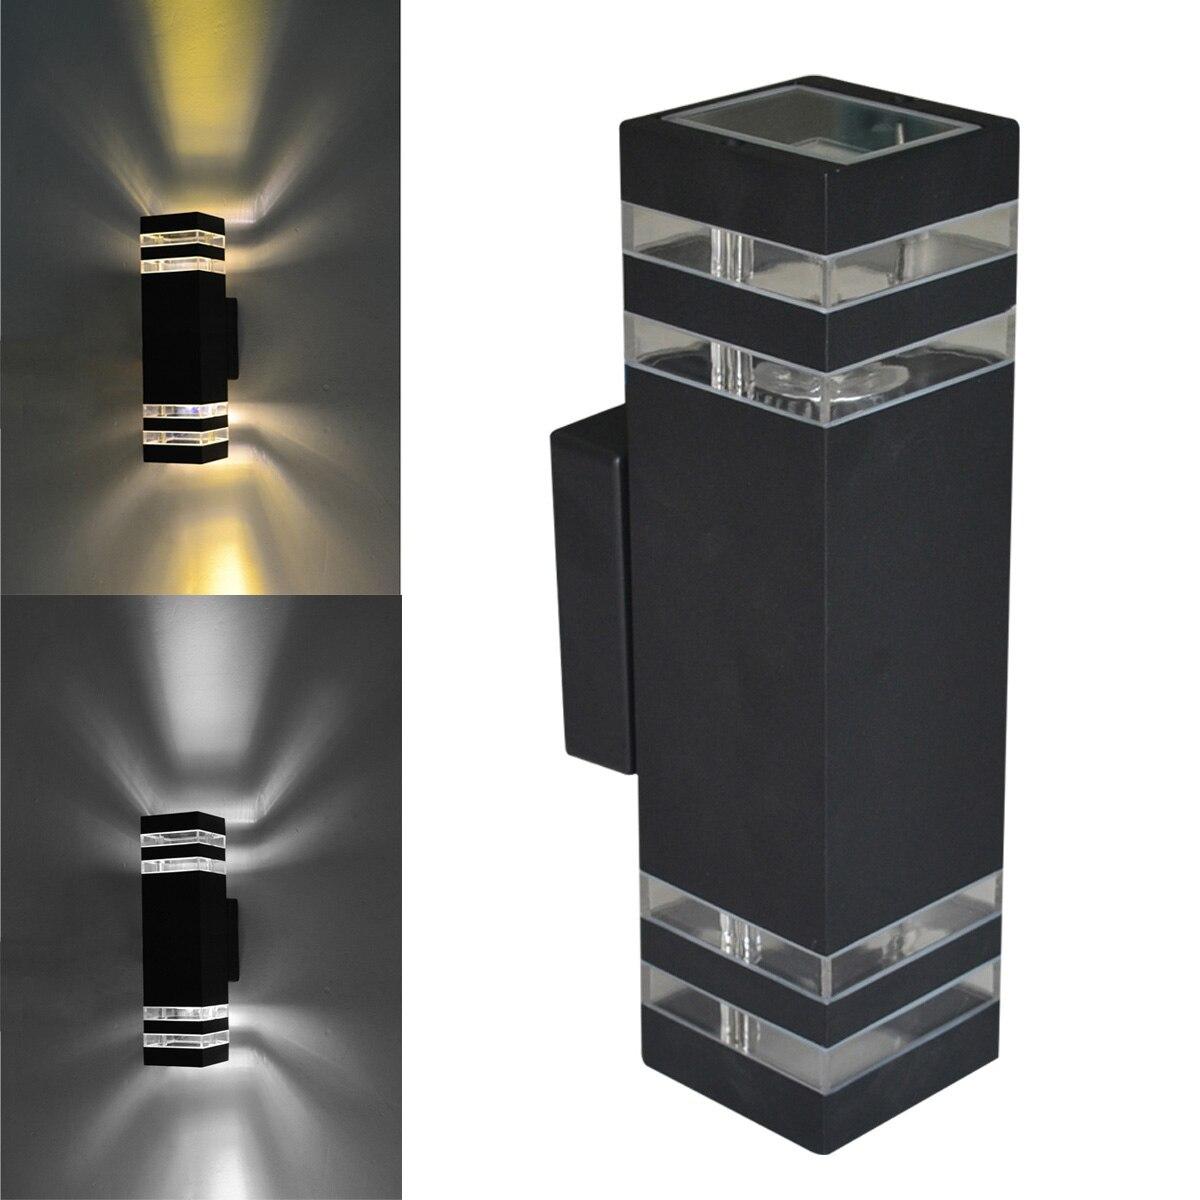 Jiawen 2 stkspartij moderne outdoor muur verlichtingwandlampled veranda lichten